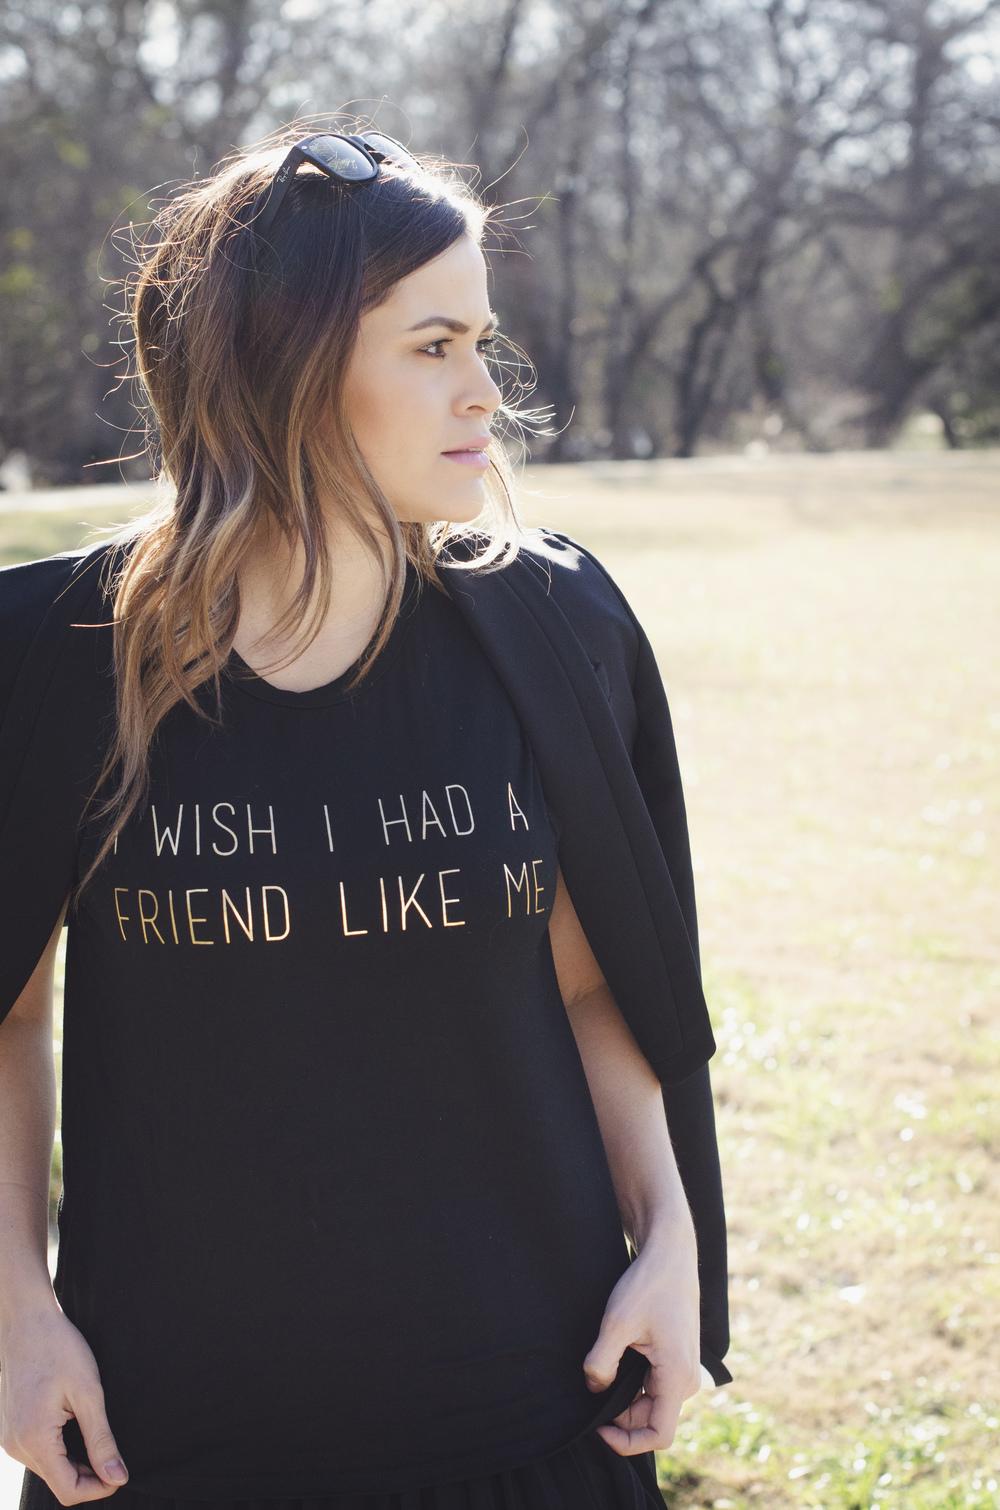 i-wish-i-had-a-friend-like-me